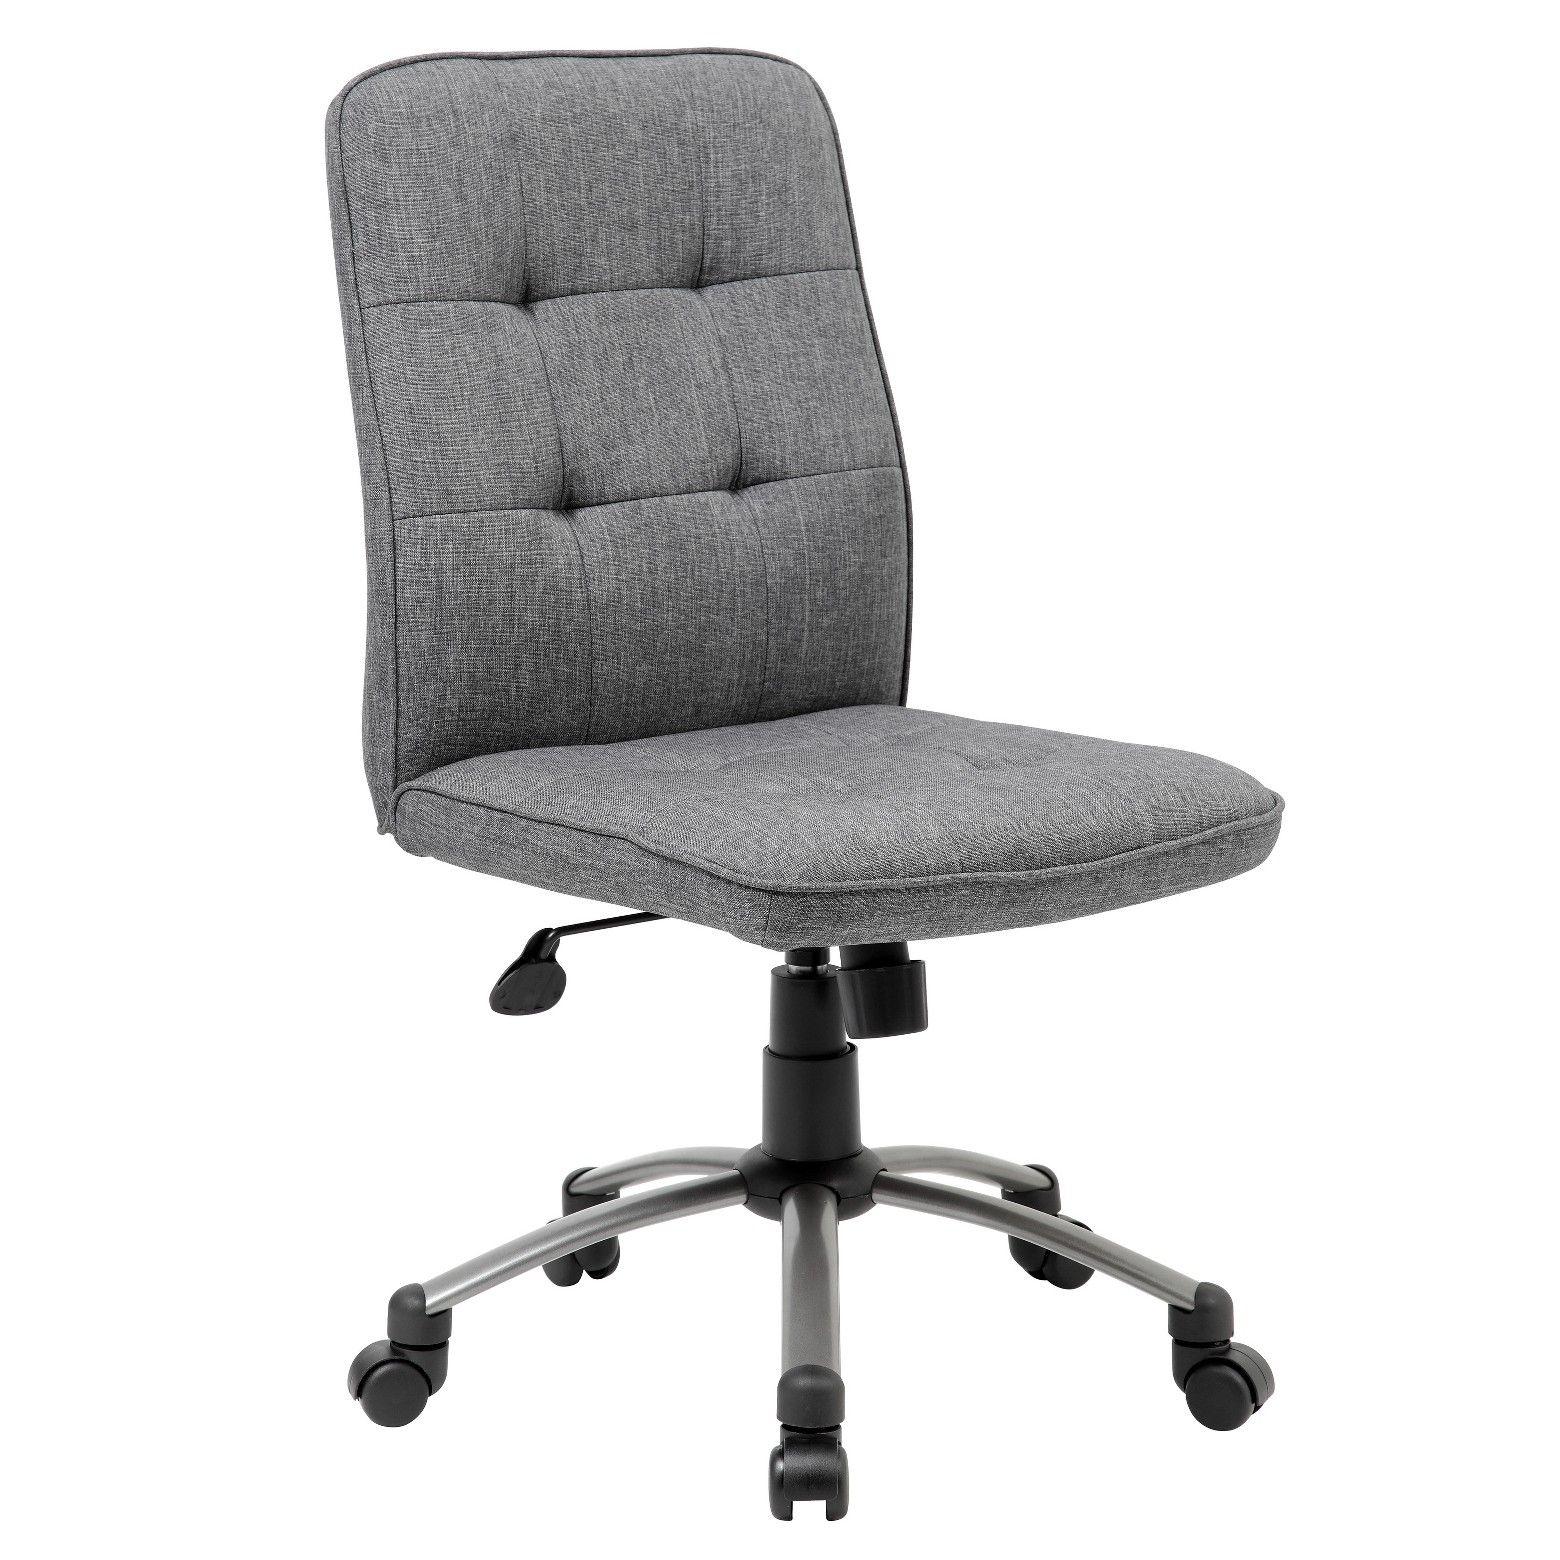 Modern Office Task Chair Slate Gray Boss Ergonomic Office Chair Modern Office Chair Office Chair